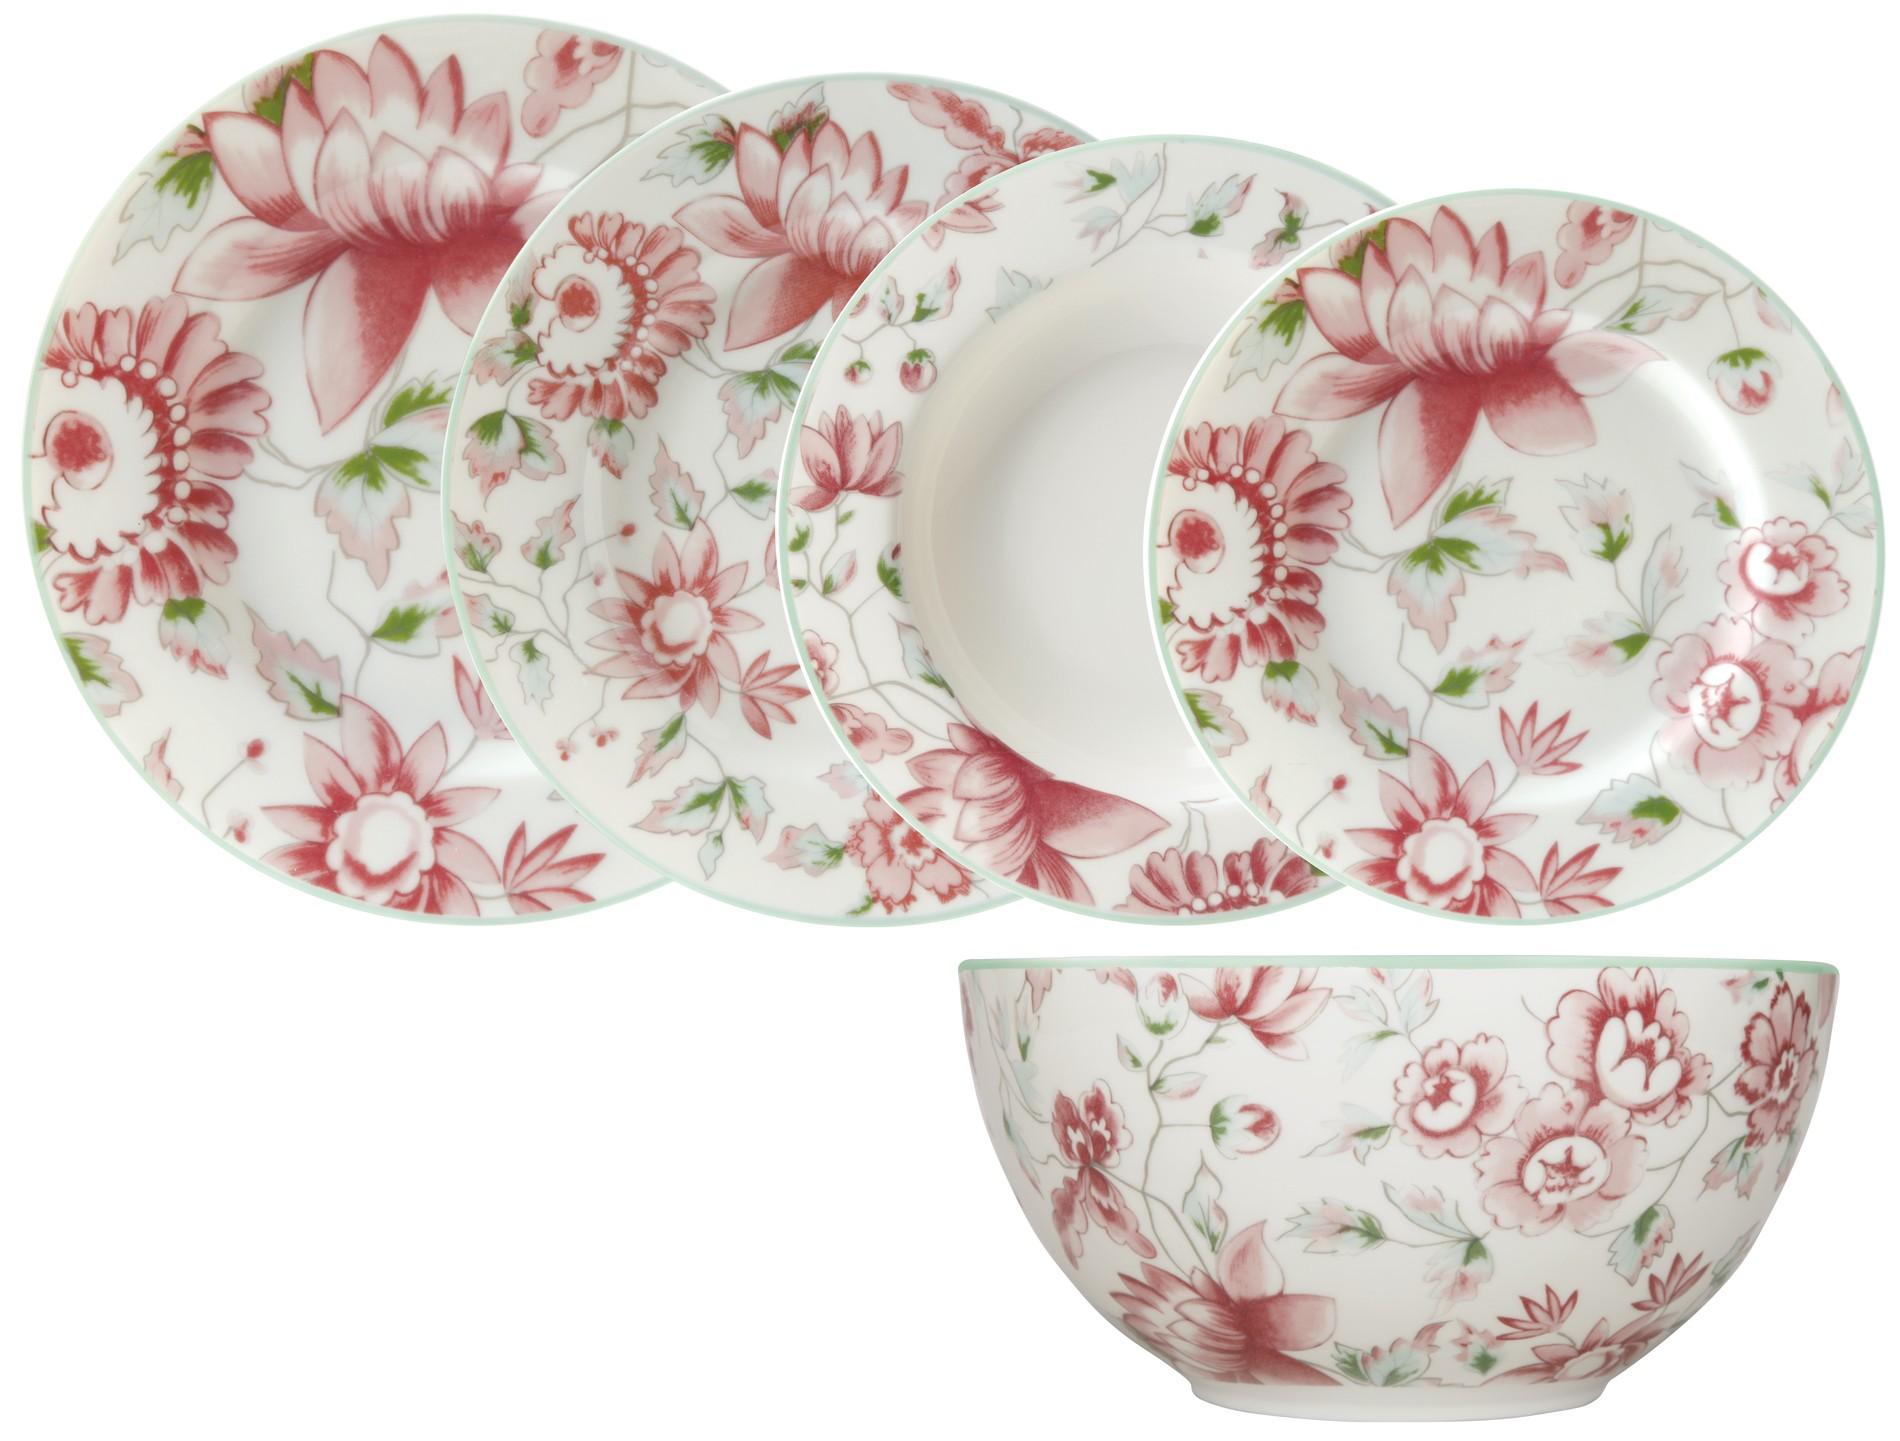 Σερβίτσιο Φαγητού Provence 20τμχ. Ionia home   ειδη σερβιρισματος   πιάτα   σερβίτσια